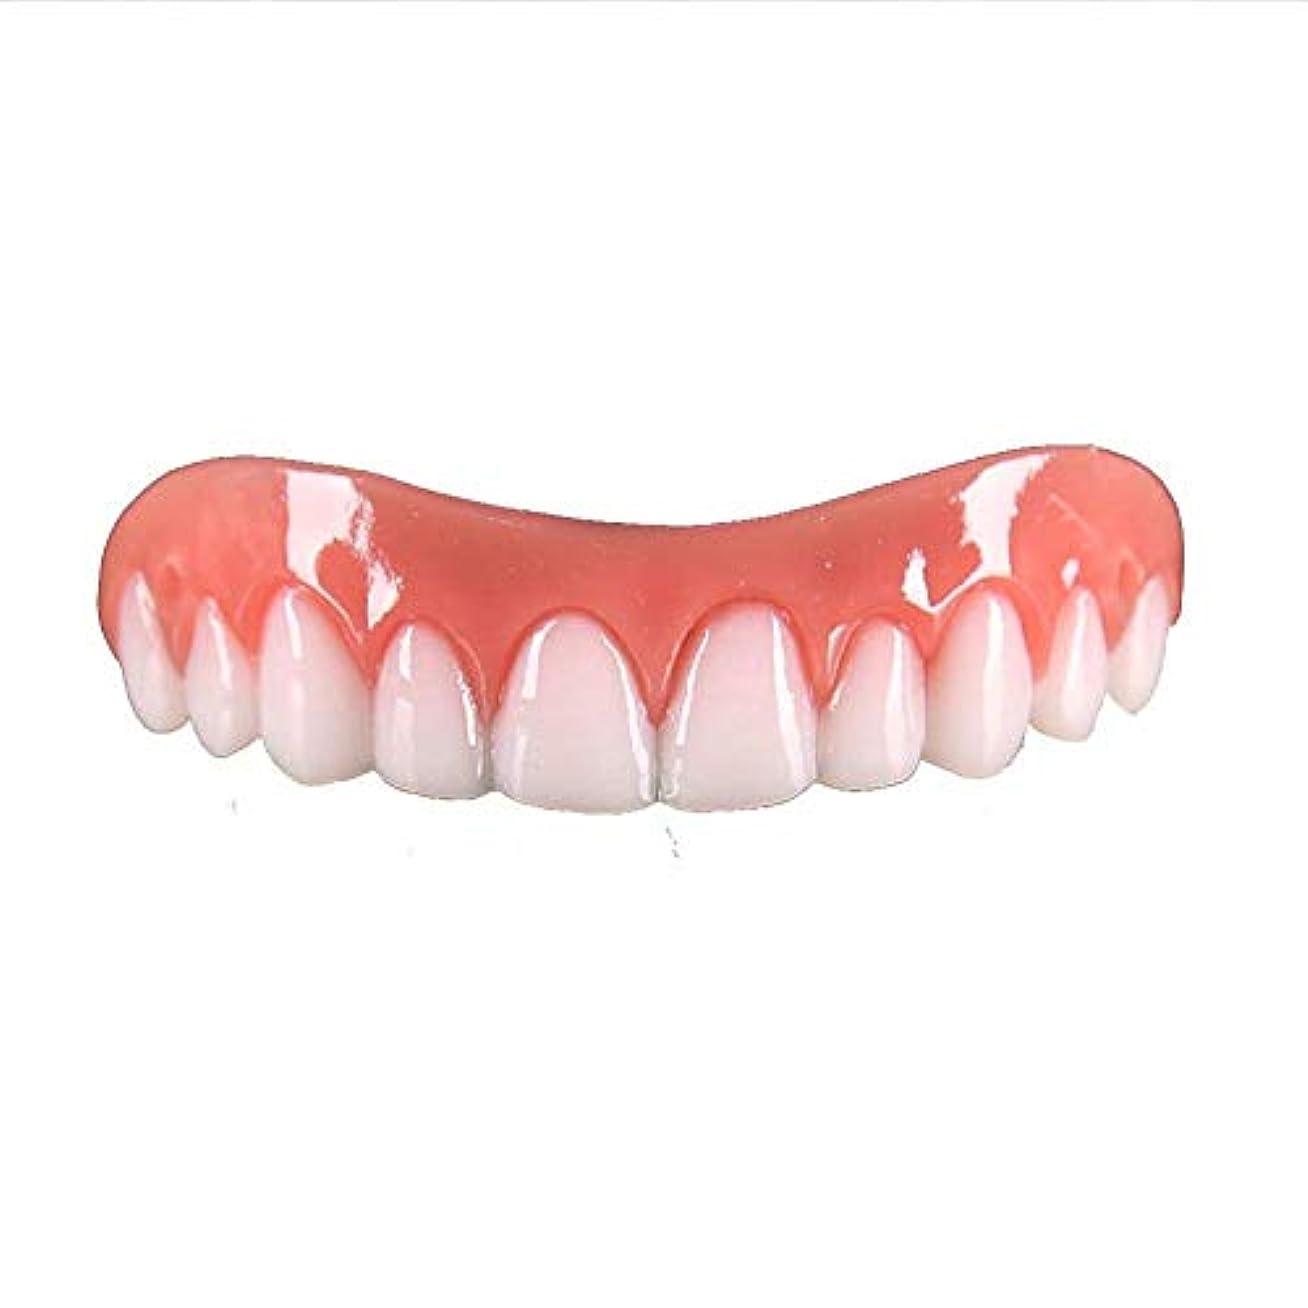 サーキュレーションハチ批評上段ホワイトシリカゲルシミュレーション義歯プラスチックパーフェクトフィットスナップオンスマイル義歯歯セット